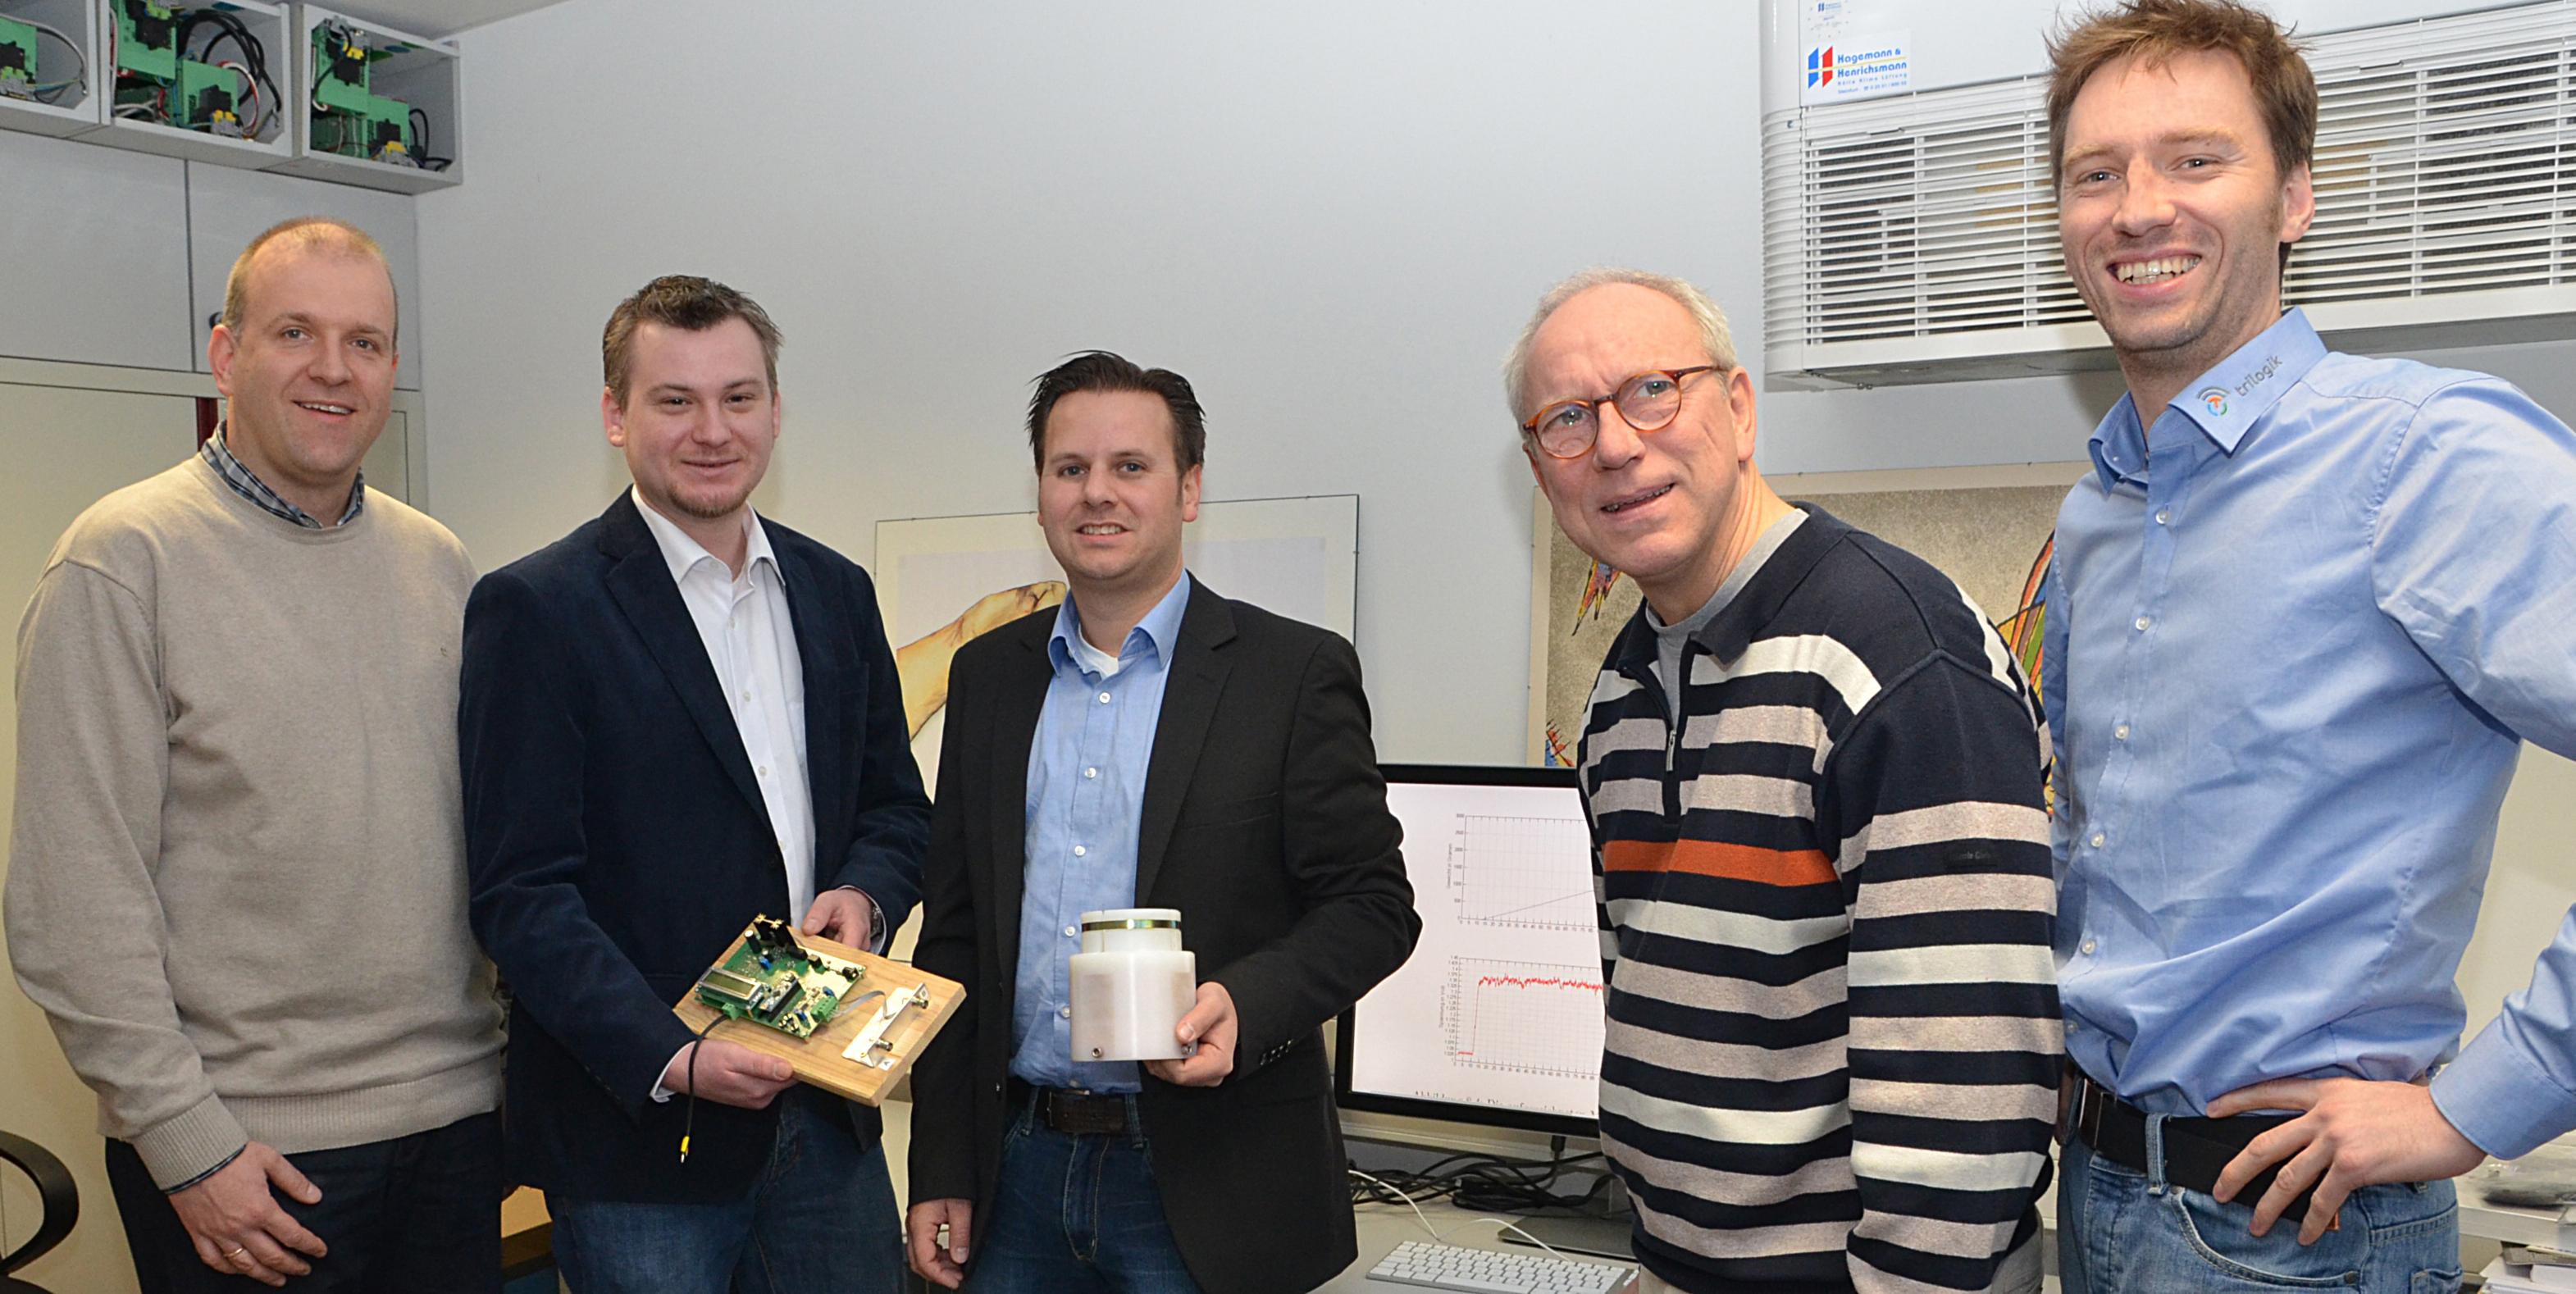 Prof. Dr. Harald Bösche mit Masterabsolvent und Firmenvertretern im Labor